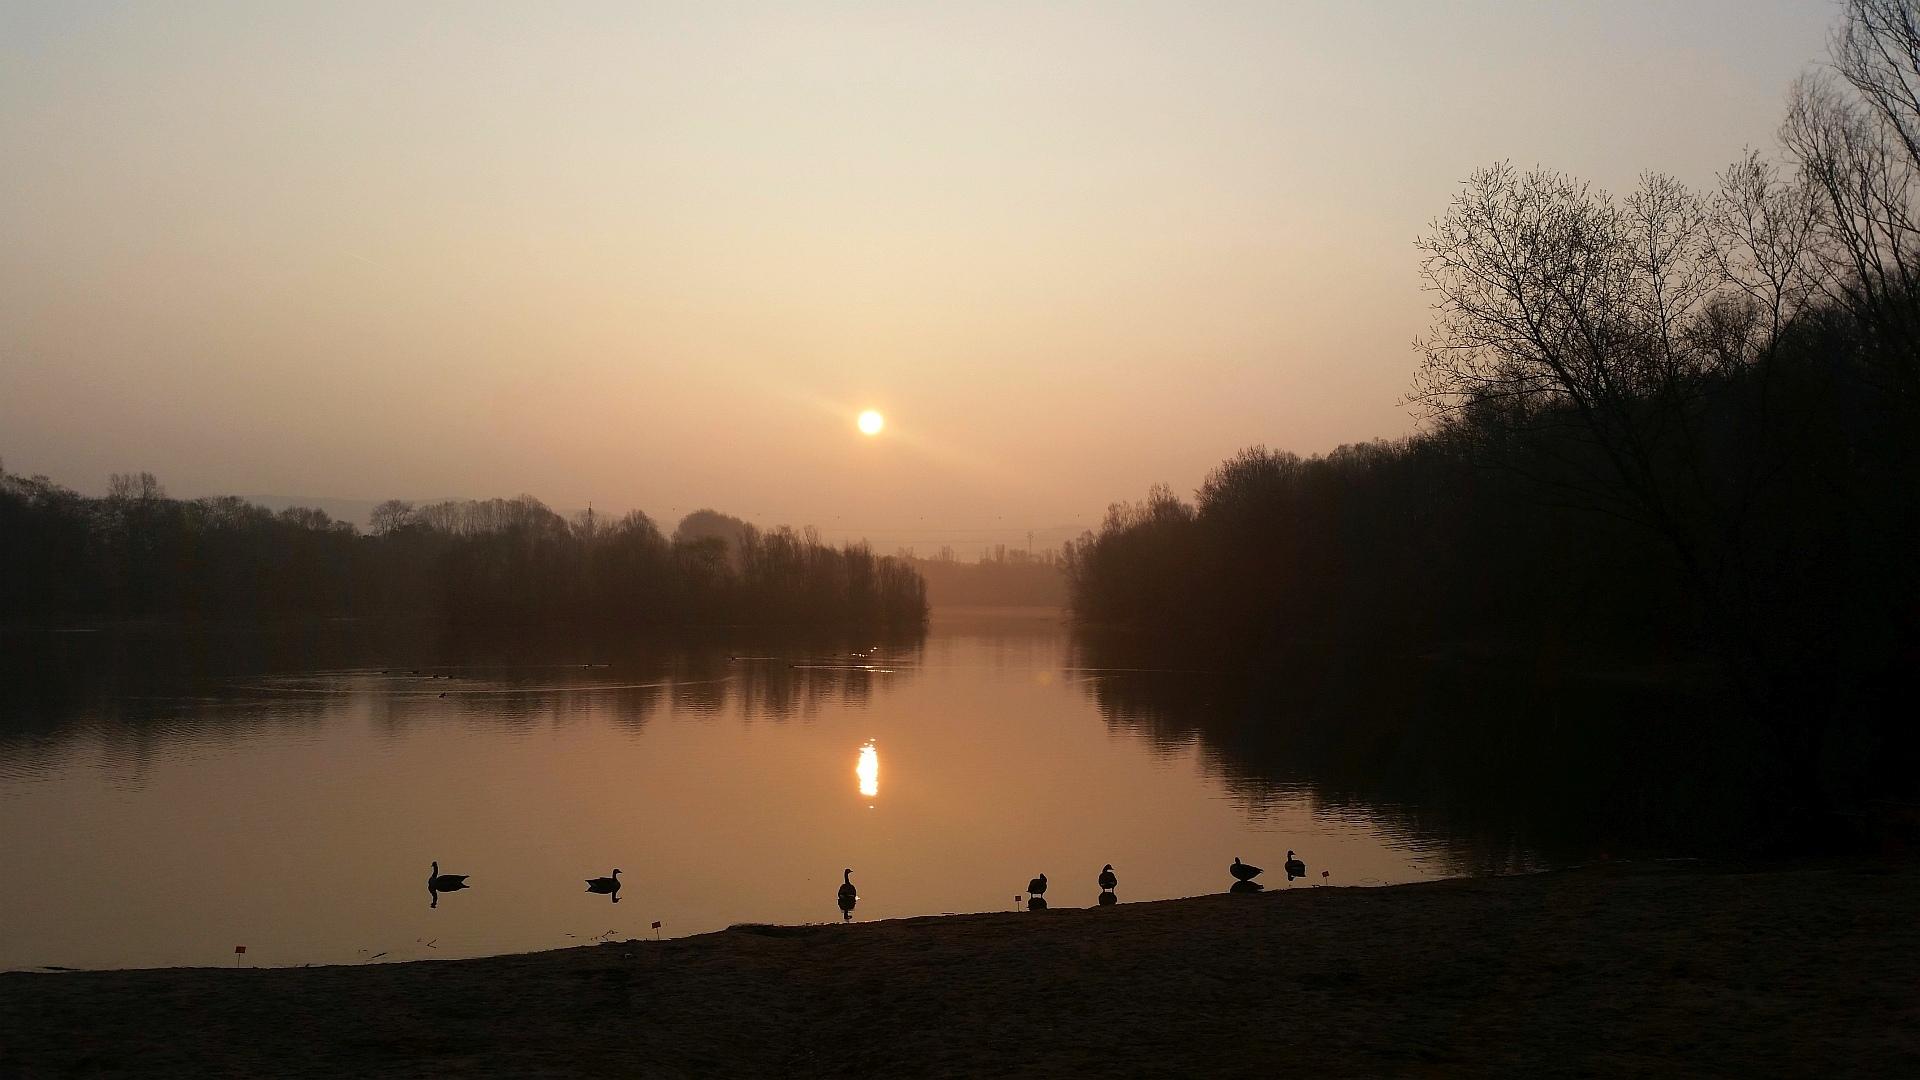 Morning at the Lake I